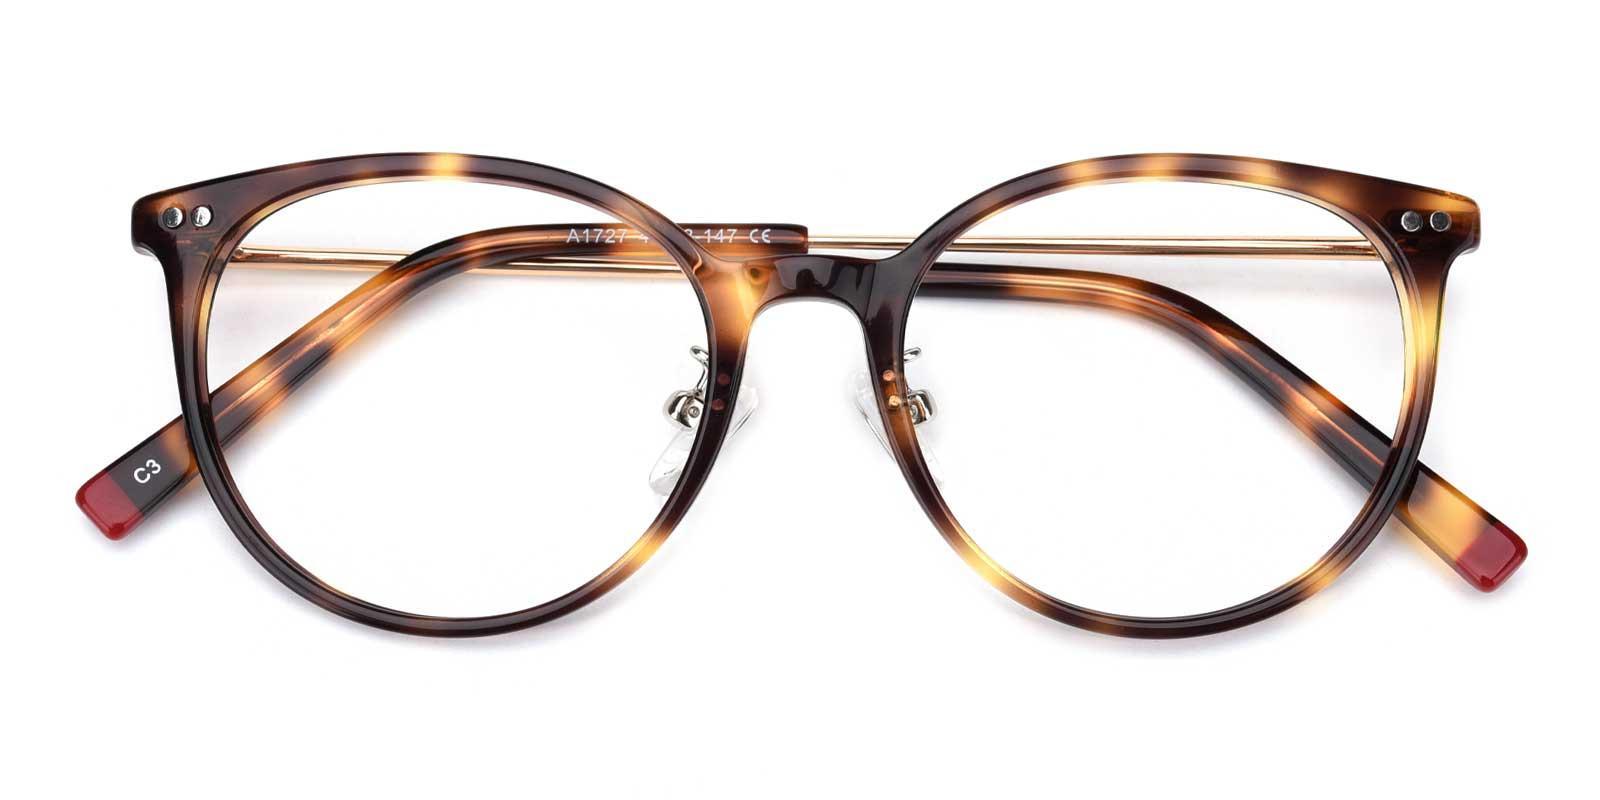 Xenia-Tortoise-Round-TR-Eyeglasses-detail